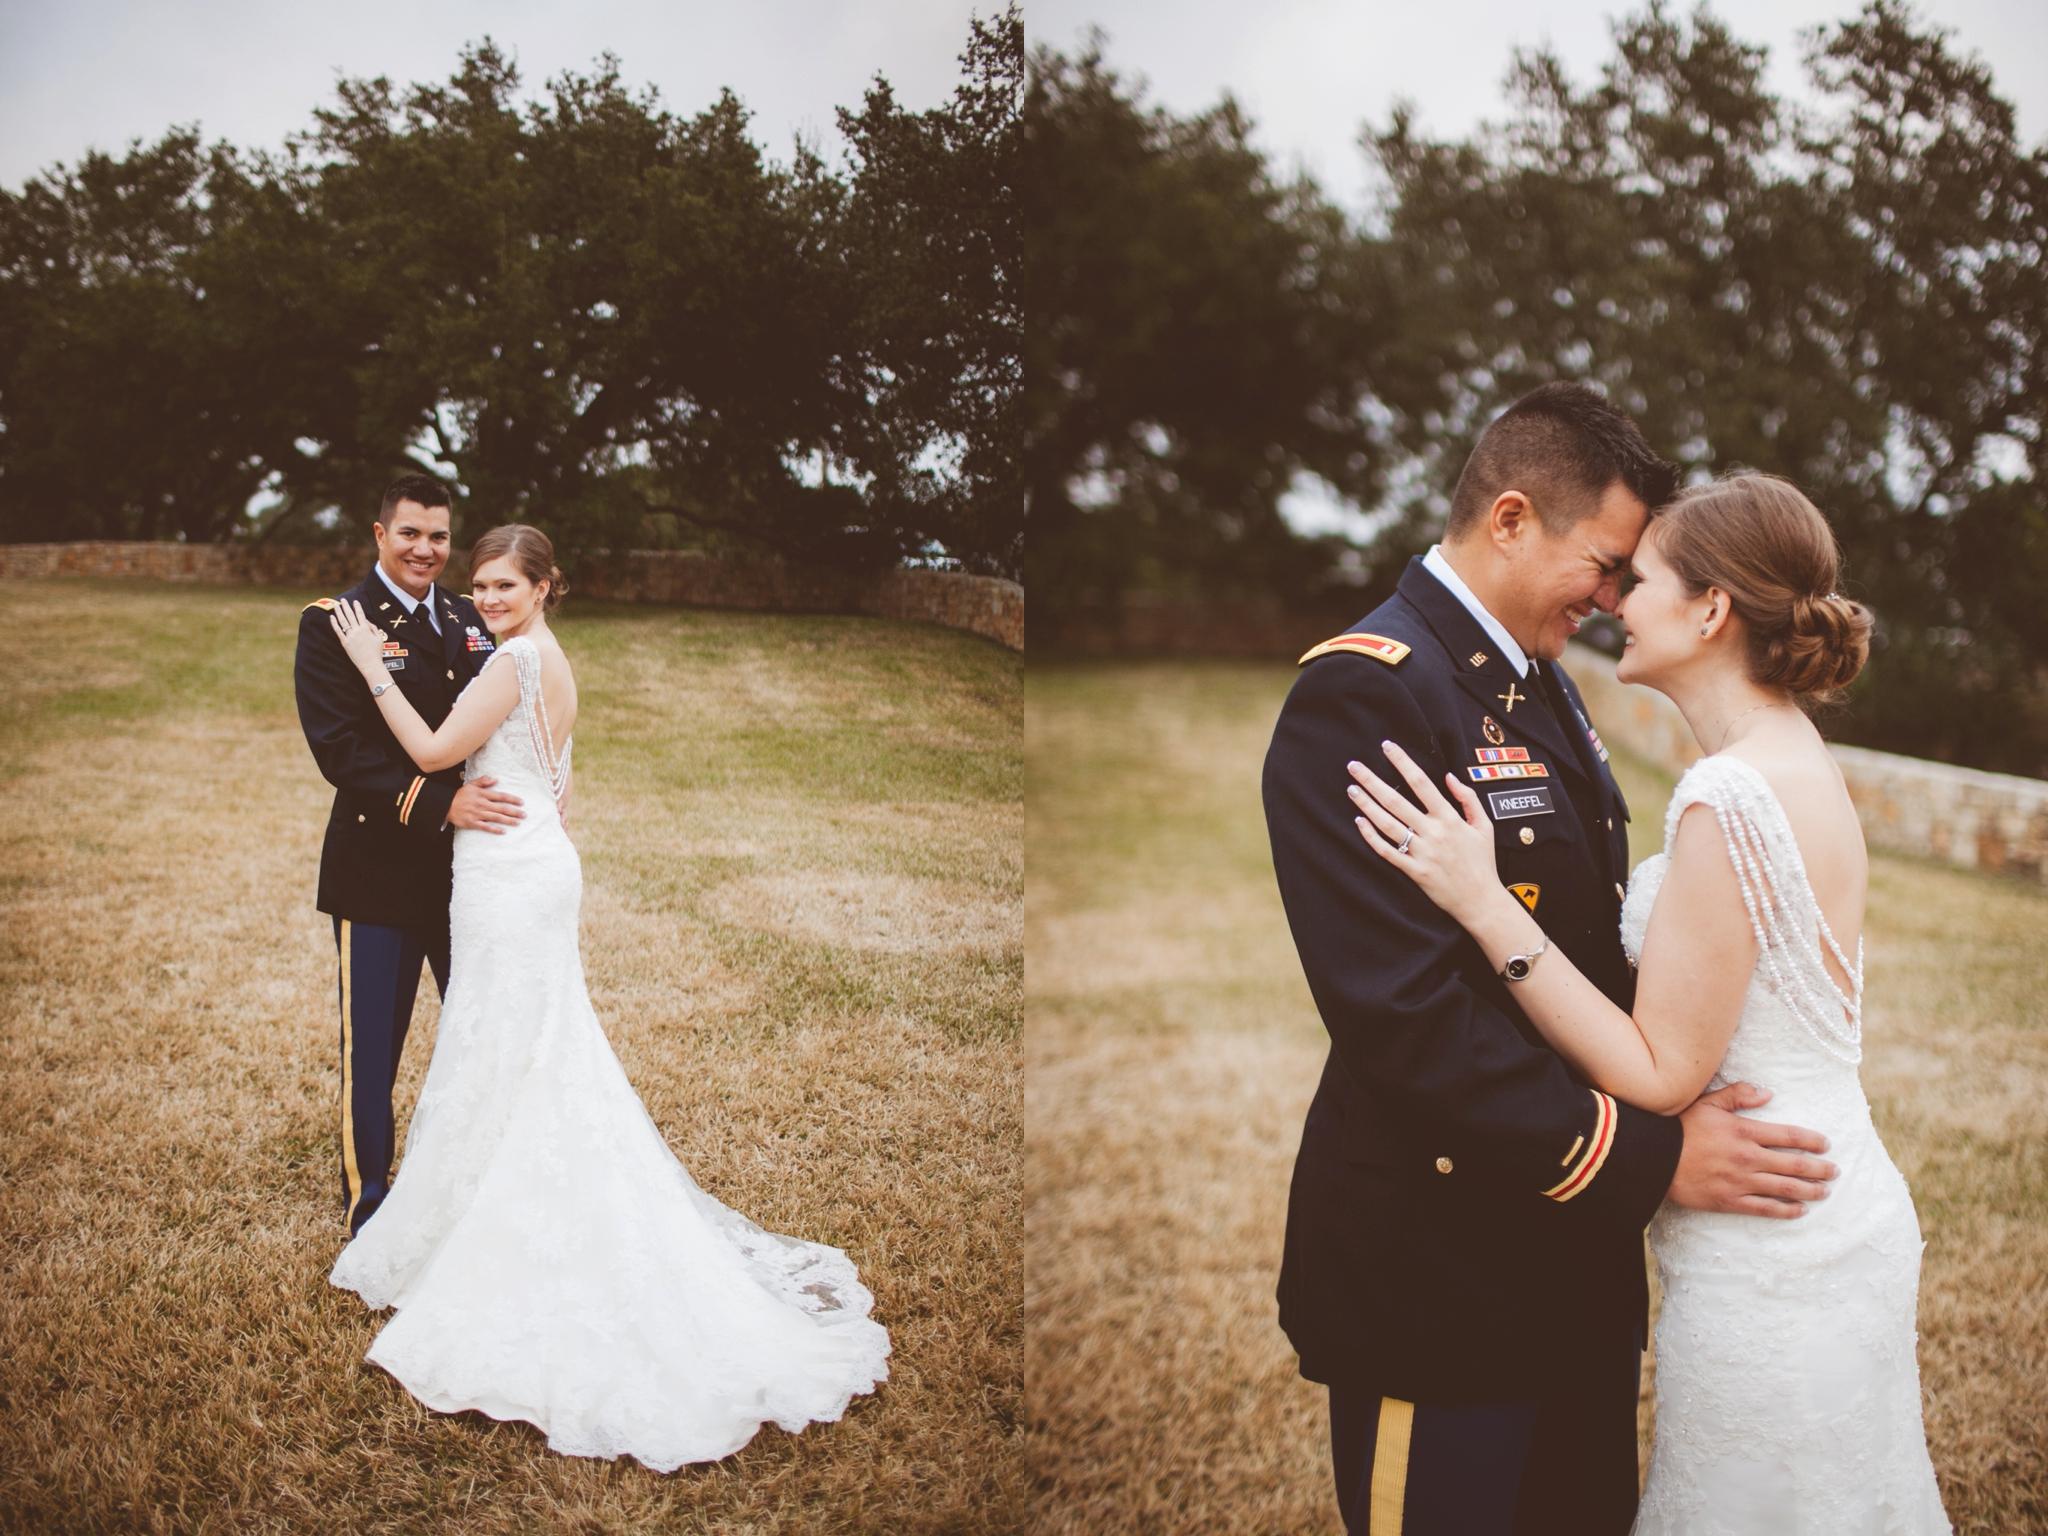 Salt-Lick-Austin-Wedding-Photographer-058.jpg